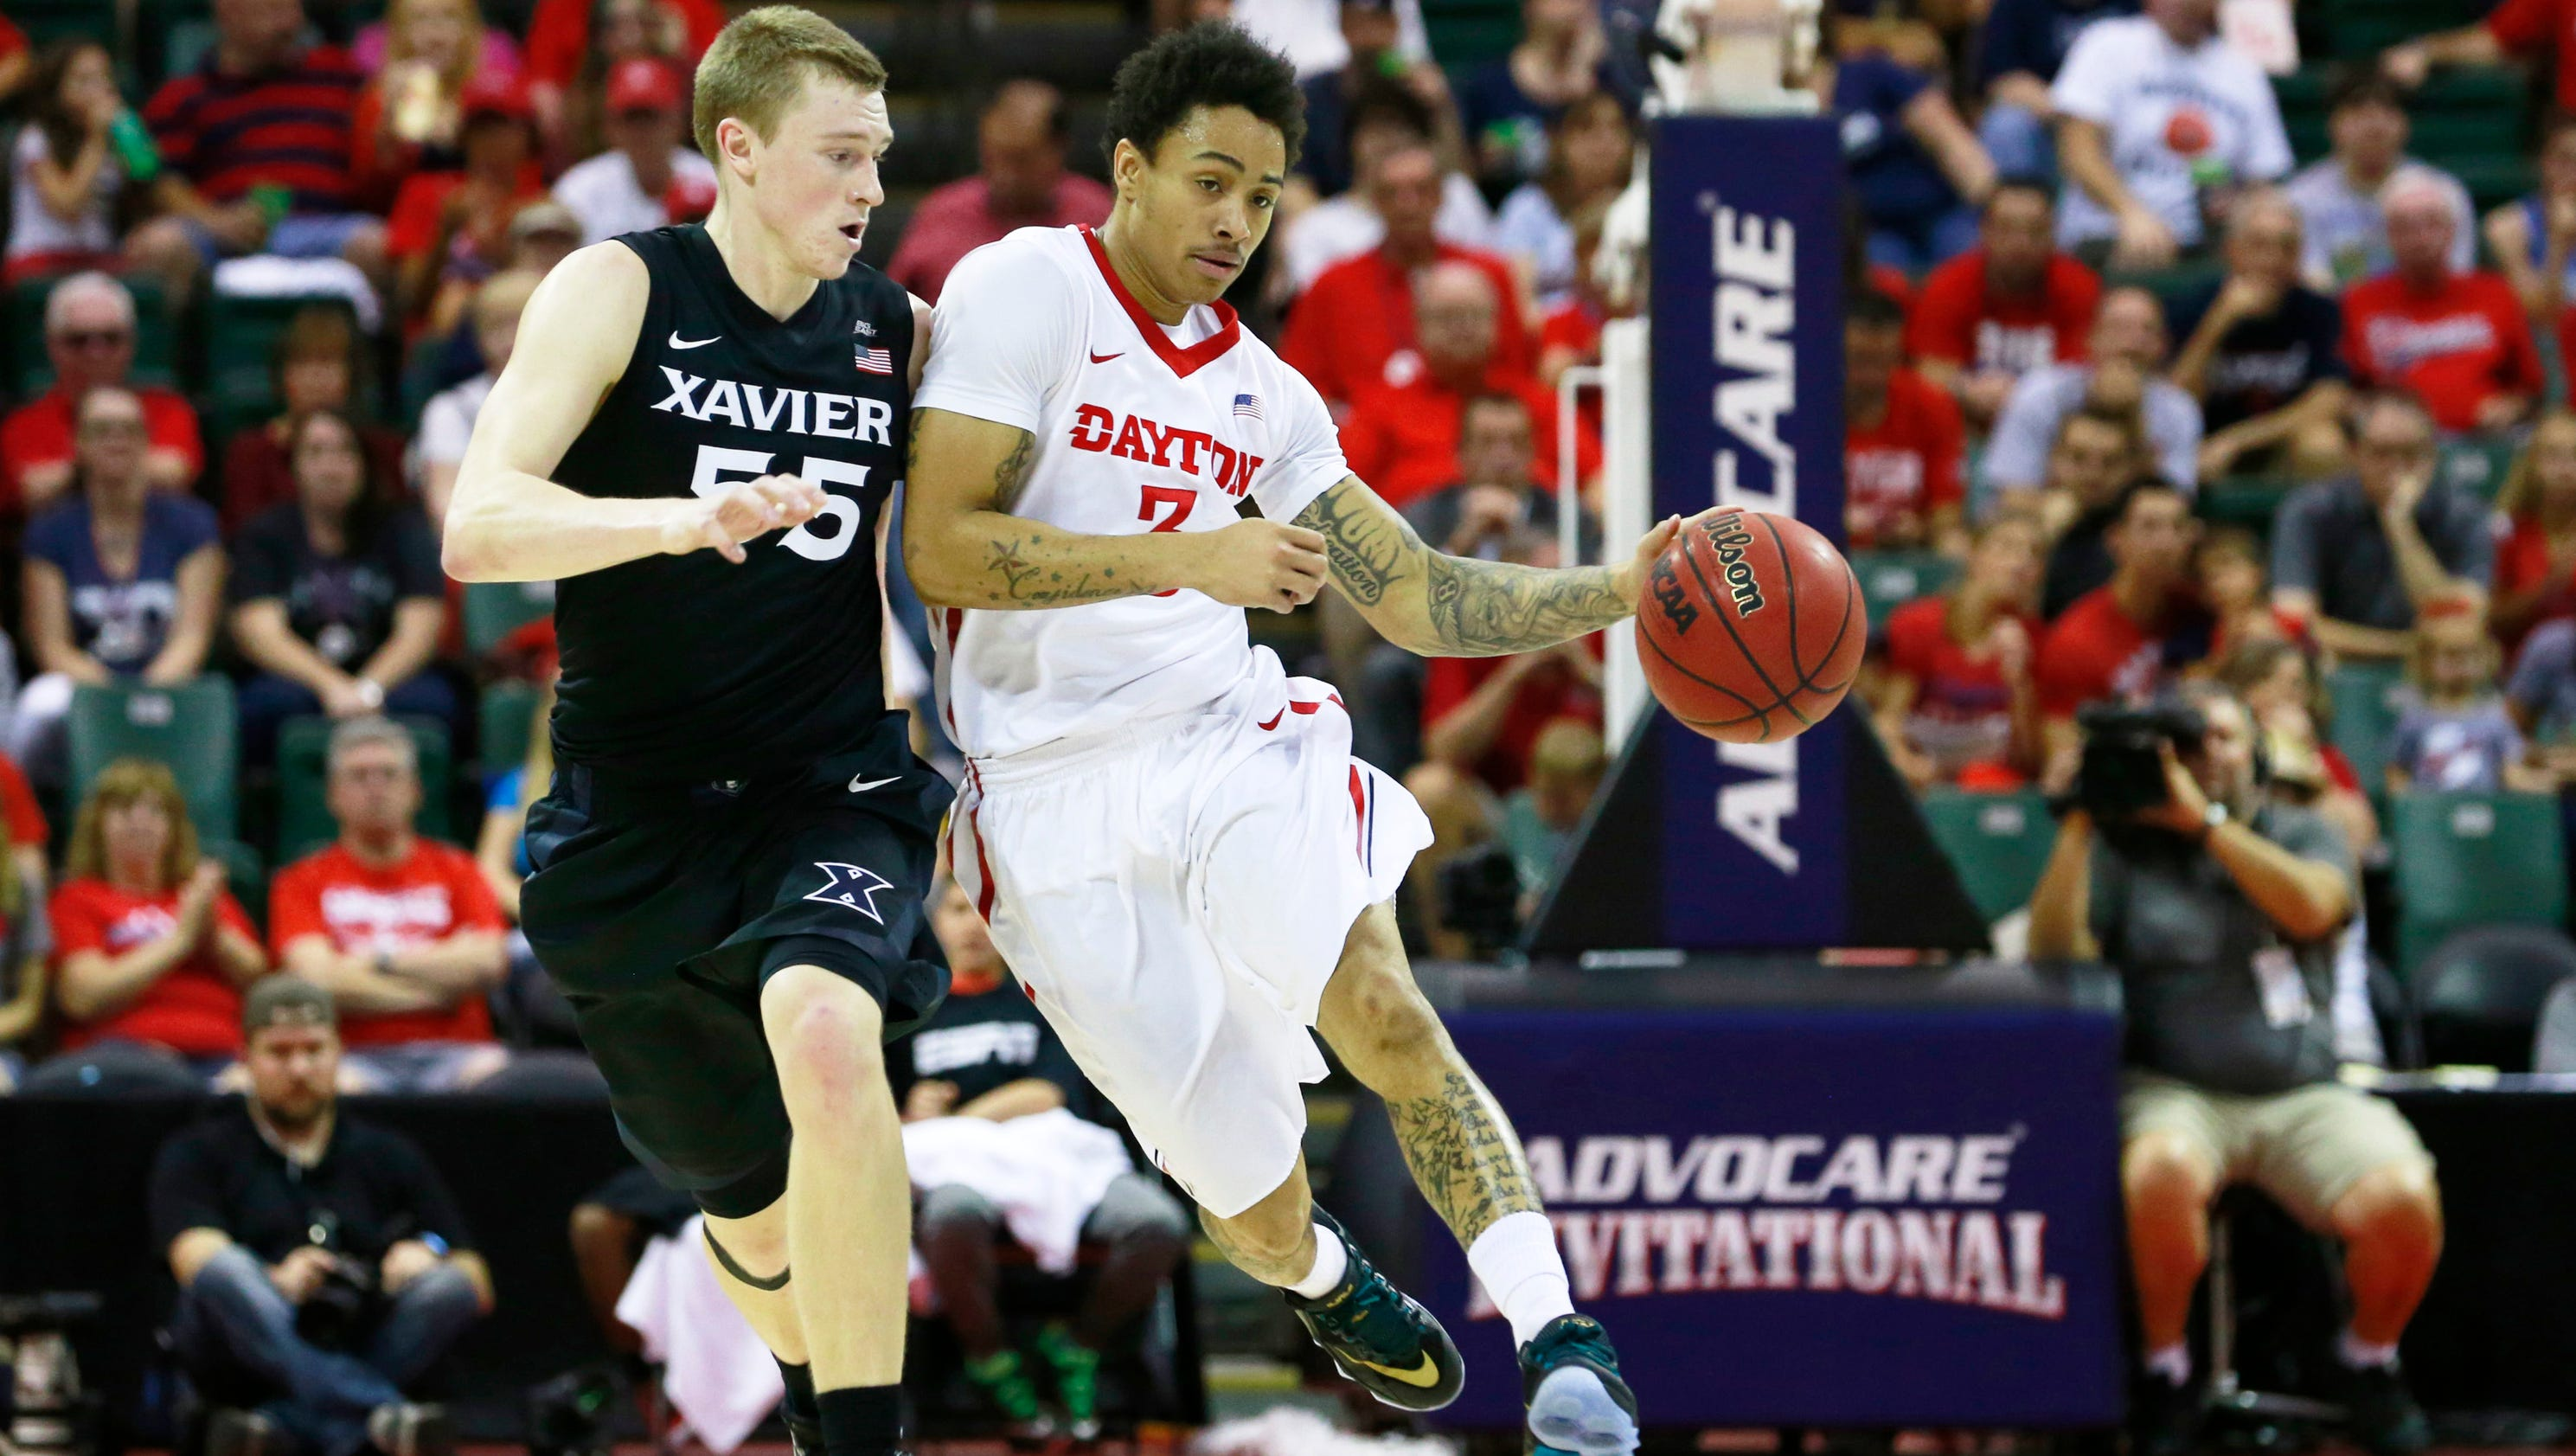 Bracket Watch: No. 8 Dayton vs. No. 9 Xavier #713126